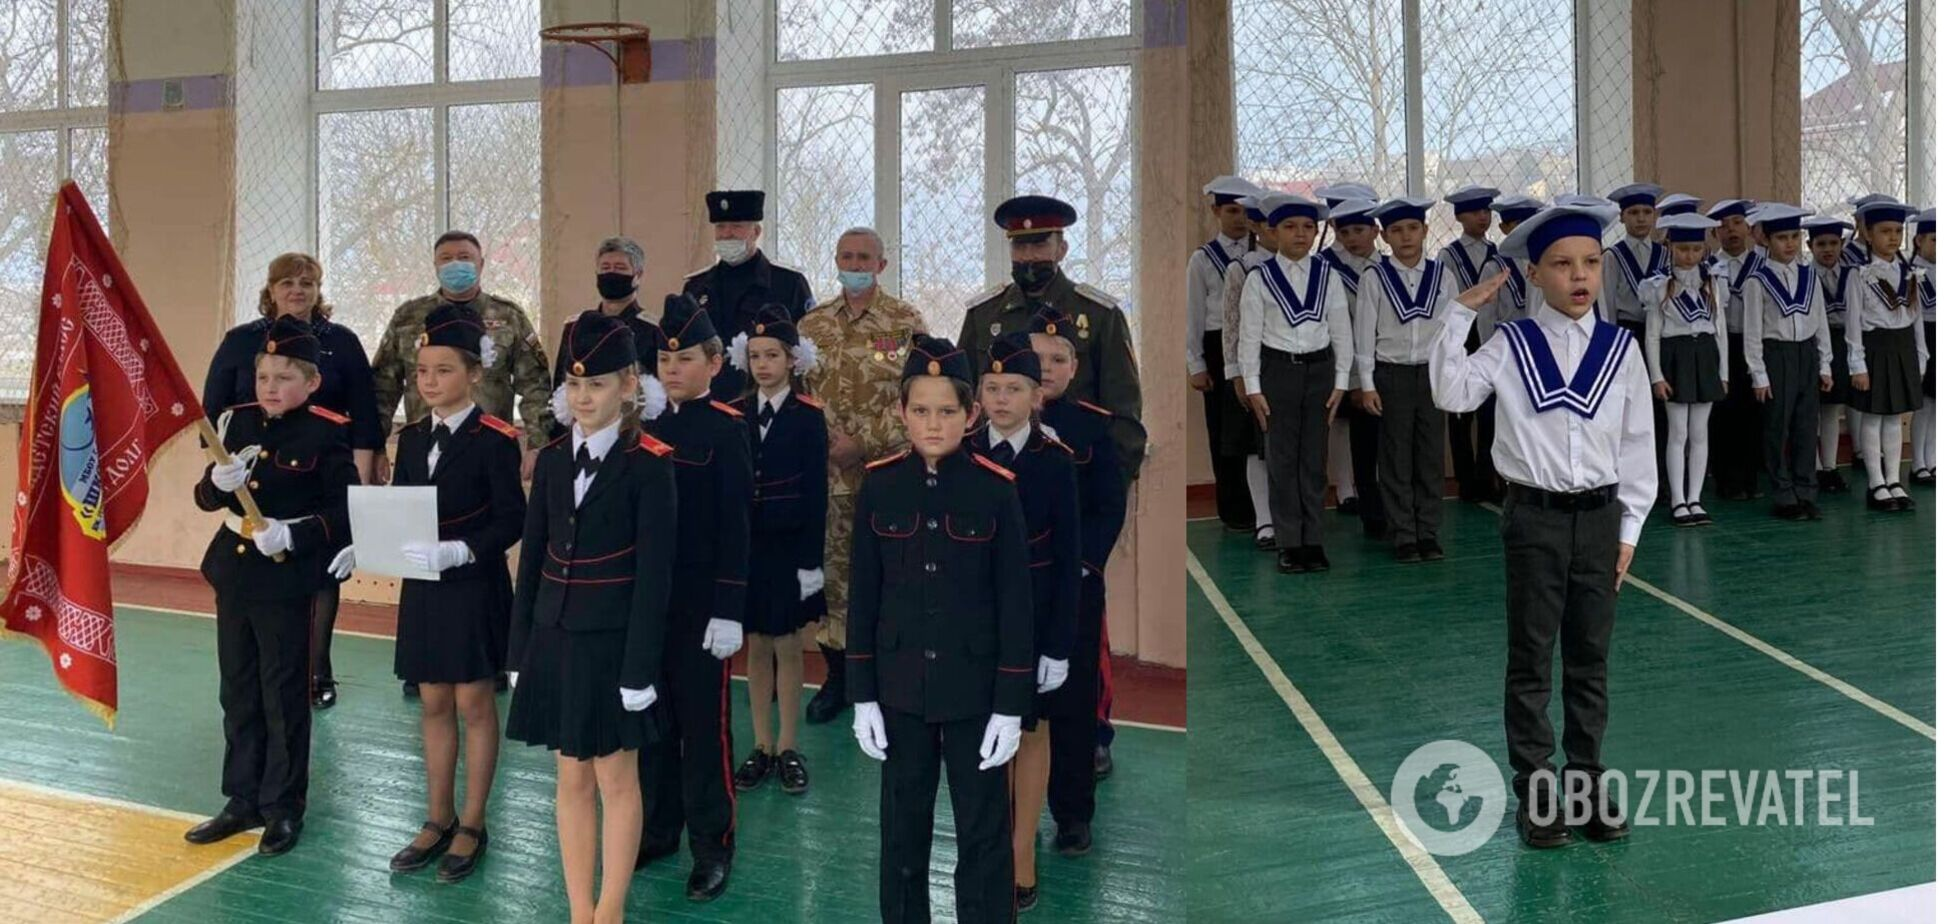 Ученики проходят строевые смотры в Крыму